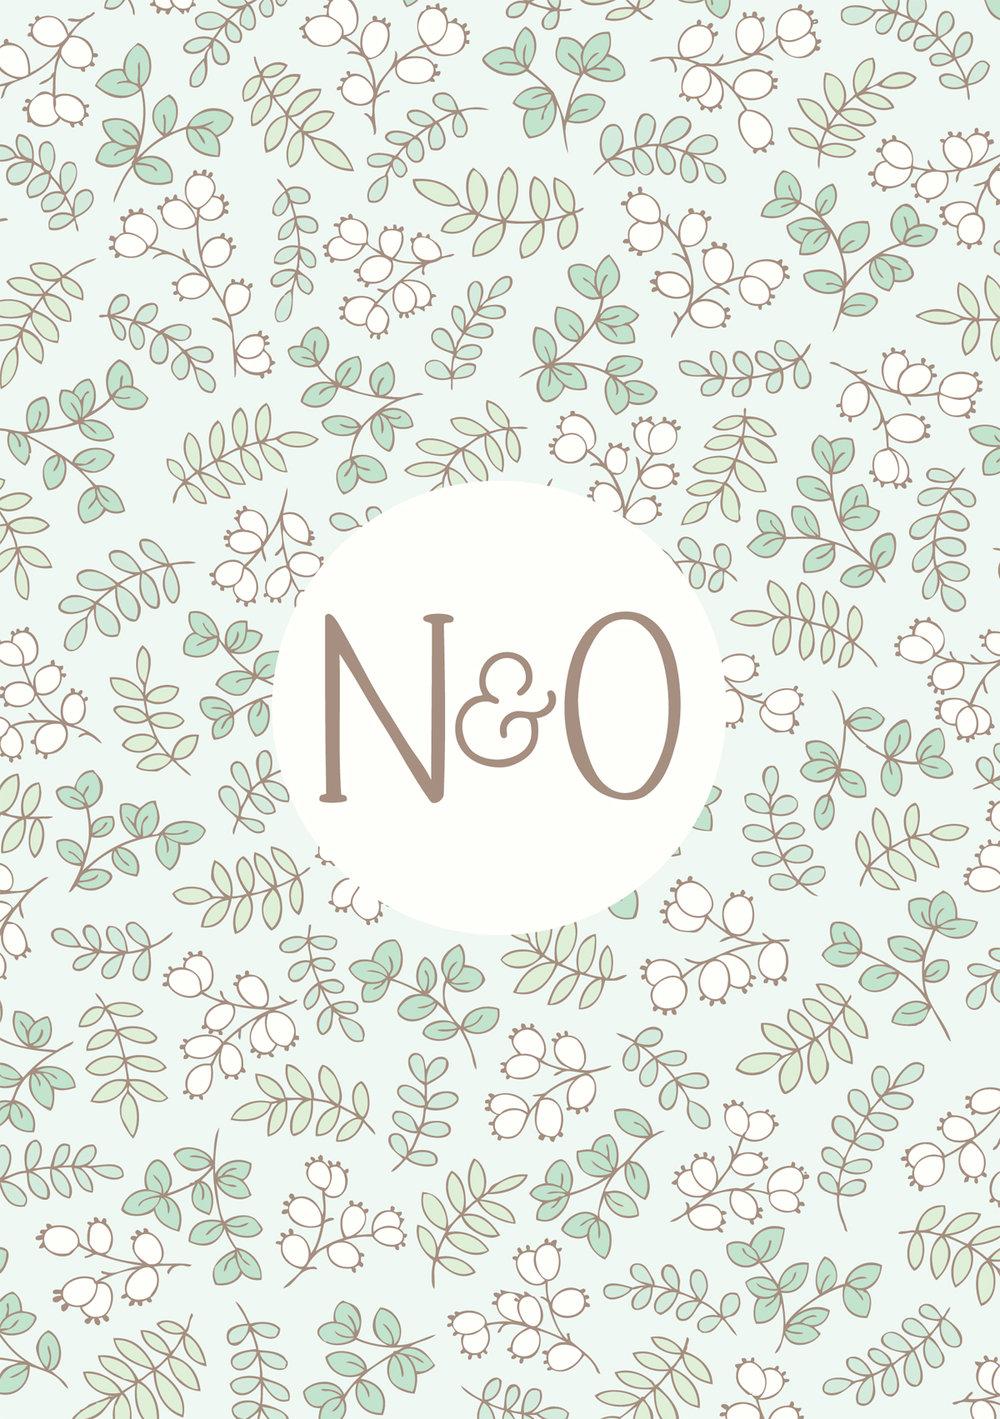 Bea and Bloom Illustrated Wedding Stationery Botanical